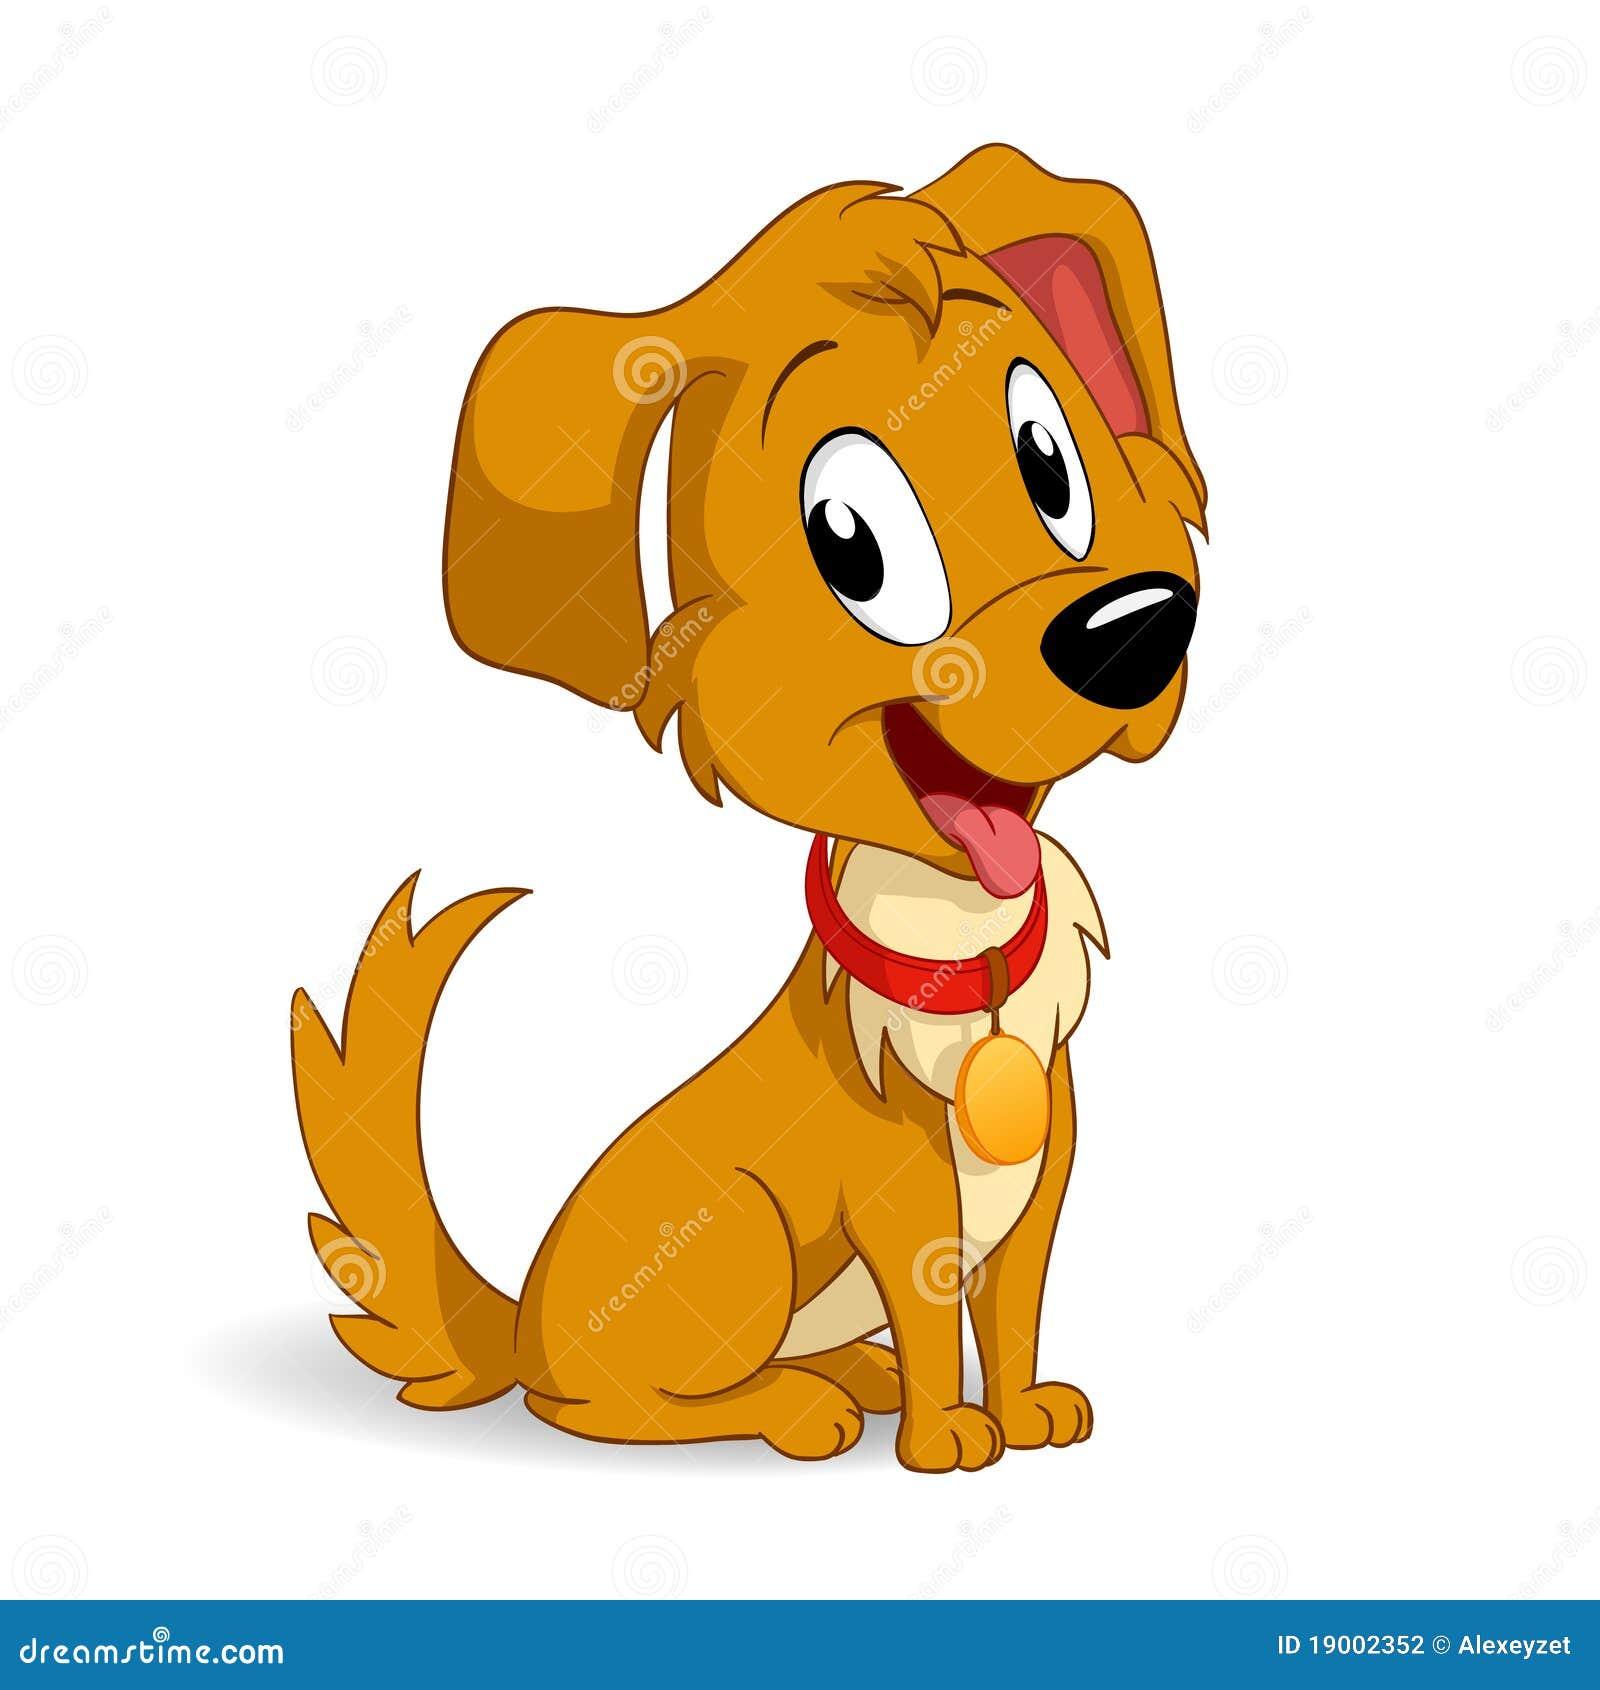 Cute cartoon puppy dog